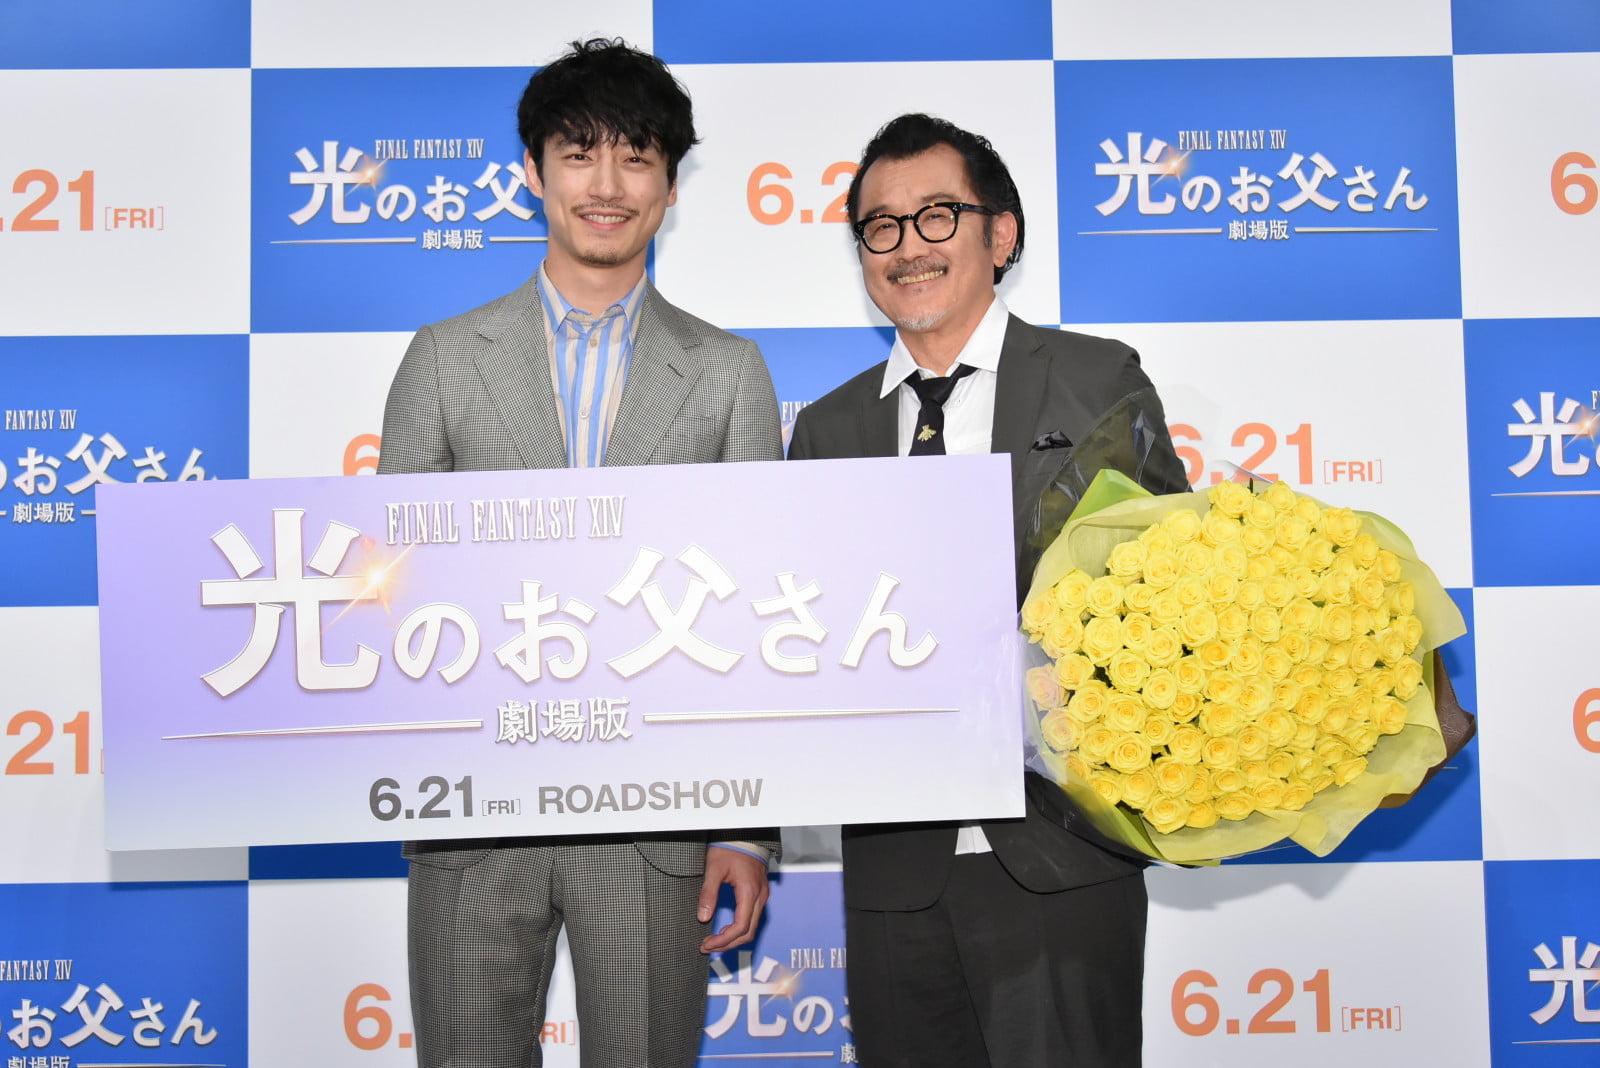 吉田、坂口からのプレゼントに大感激!映画『劇場版 ファイナルファンタジーXIV光のお父さん』父の日記念イベントレポート